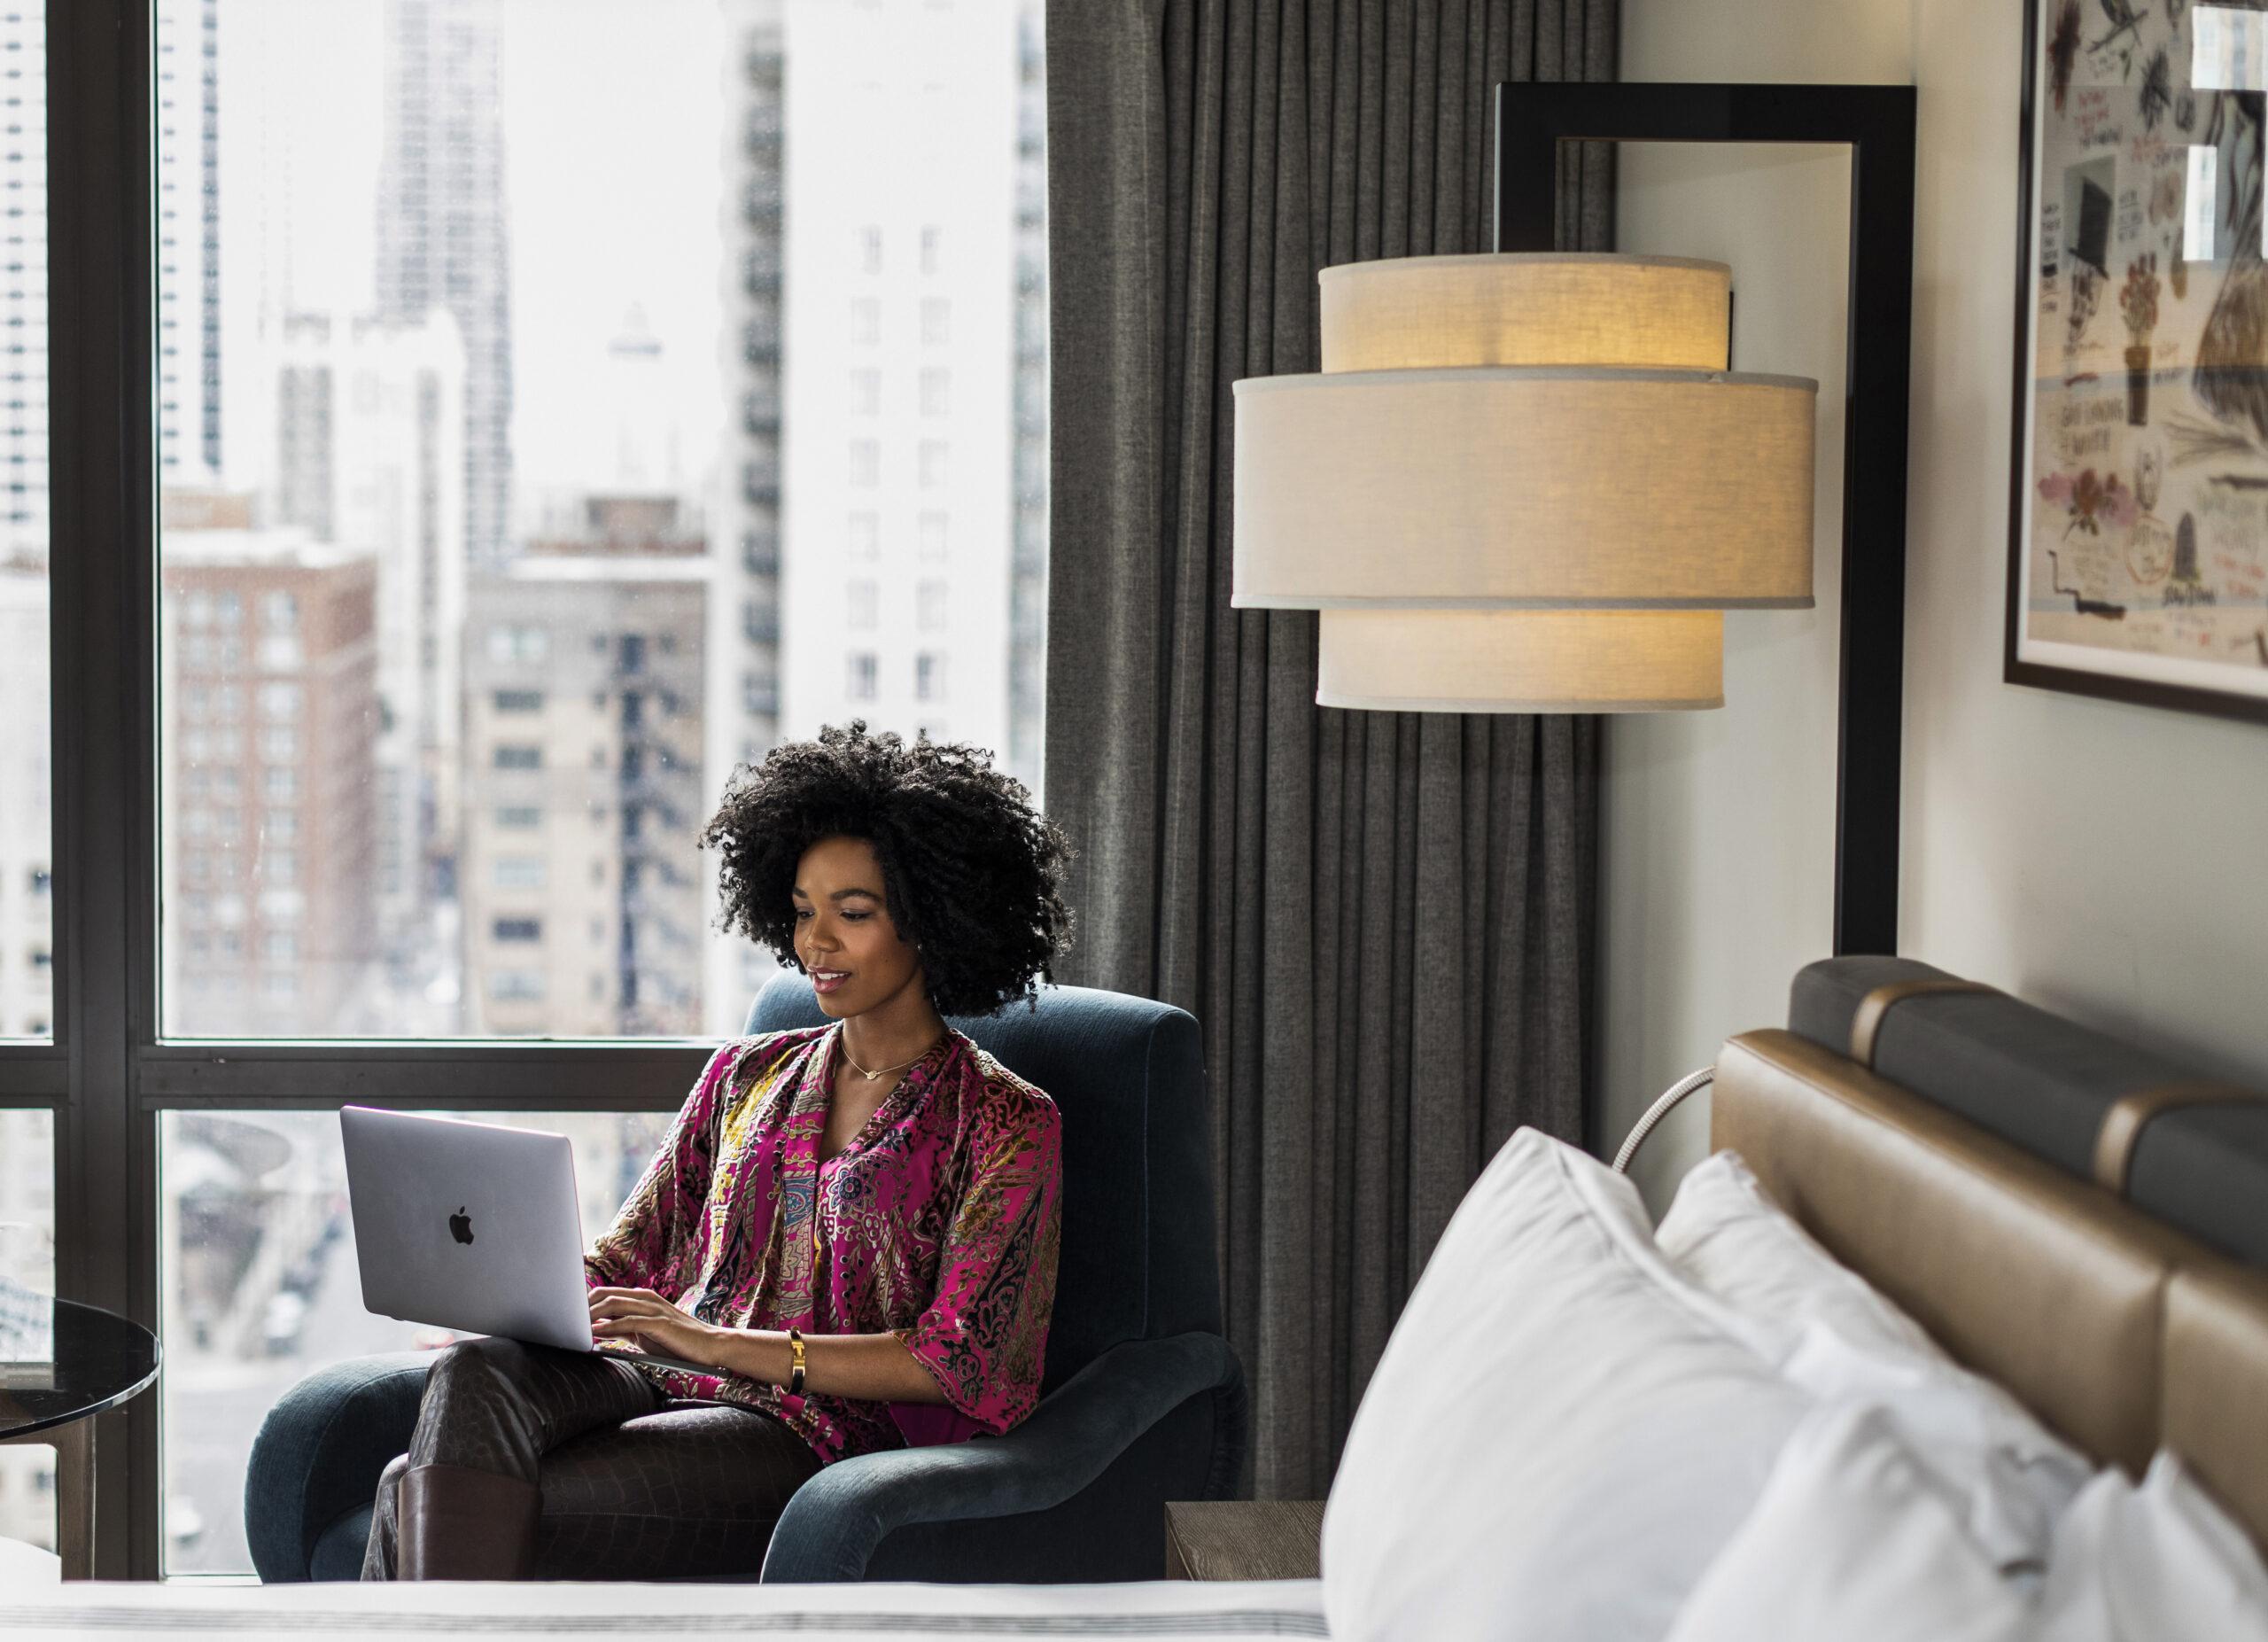 Woman Working from Hyatt hotel